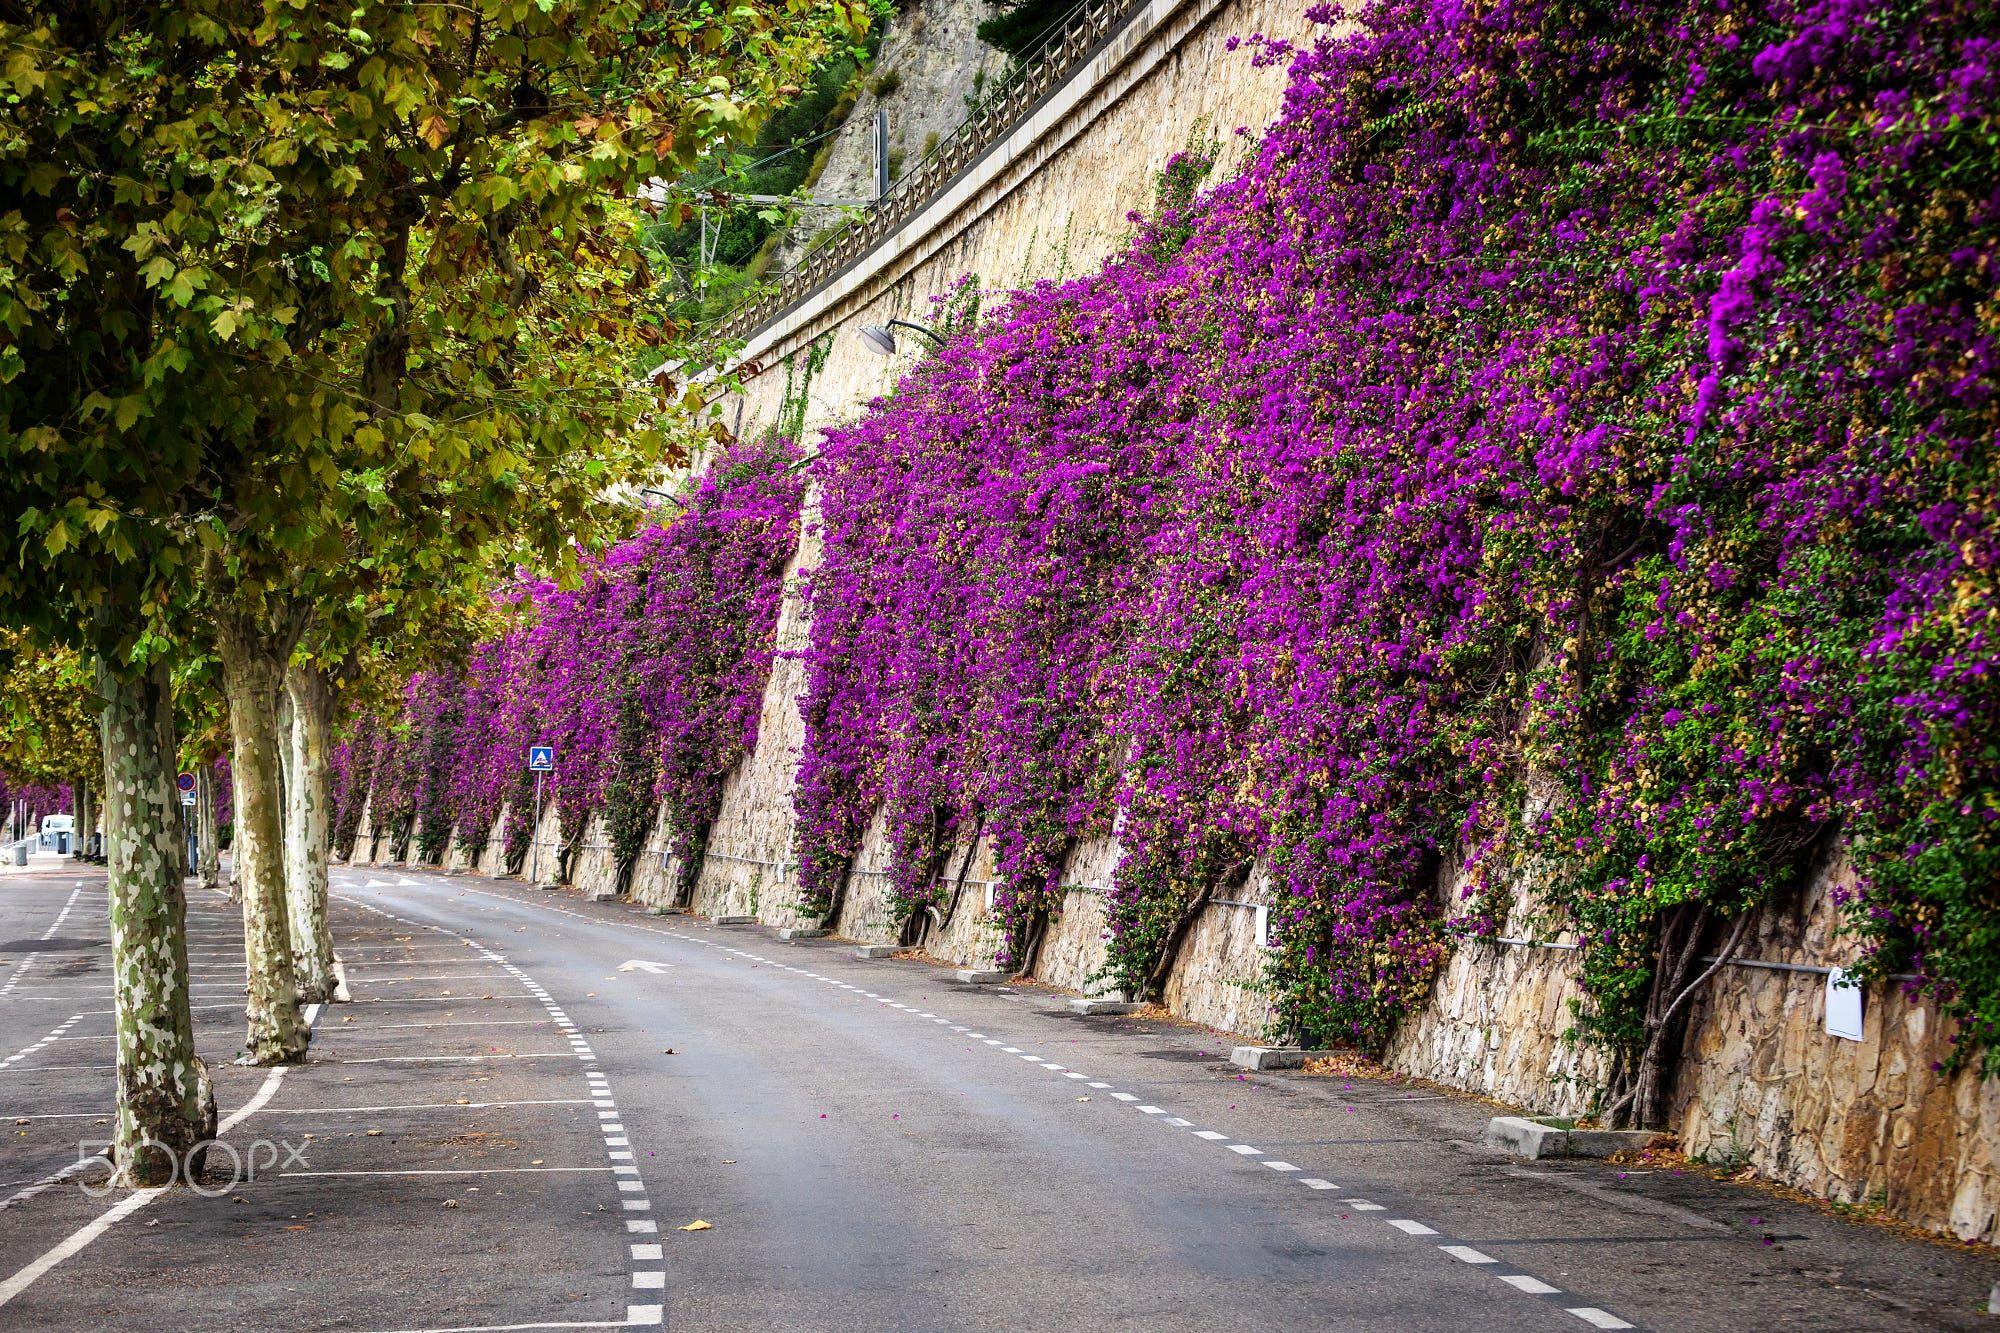 Mediterranean flowering shrub pink bougainvillea climbing stone wall mediterranean flowering shrub pink bougainvillea climbing stone wall at beach road in villefranche sur mightylinksfo